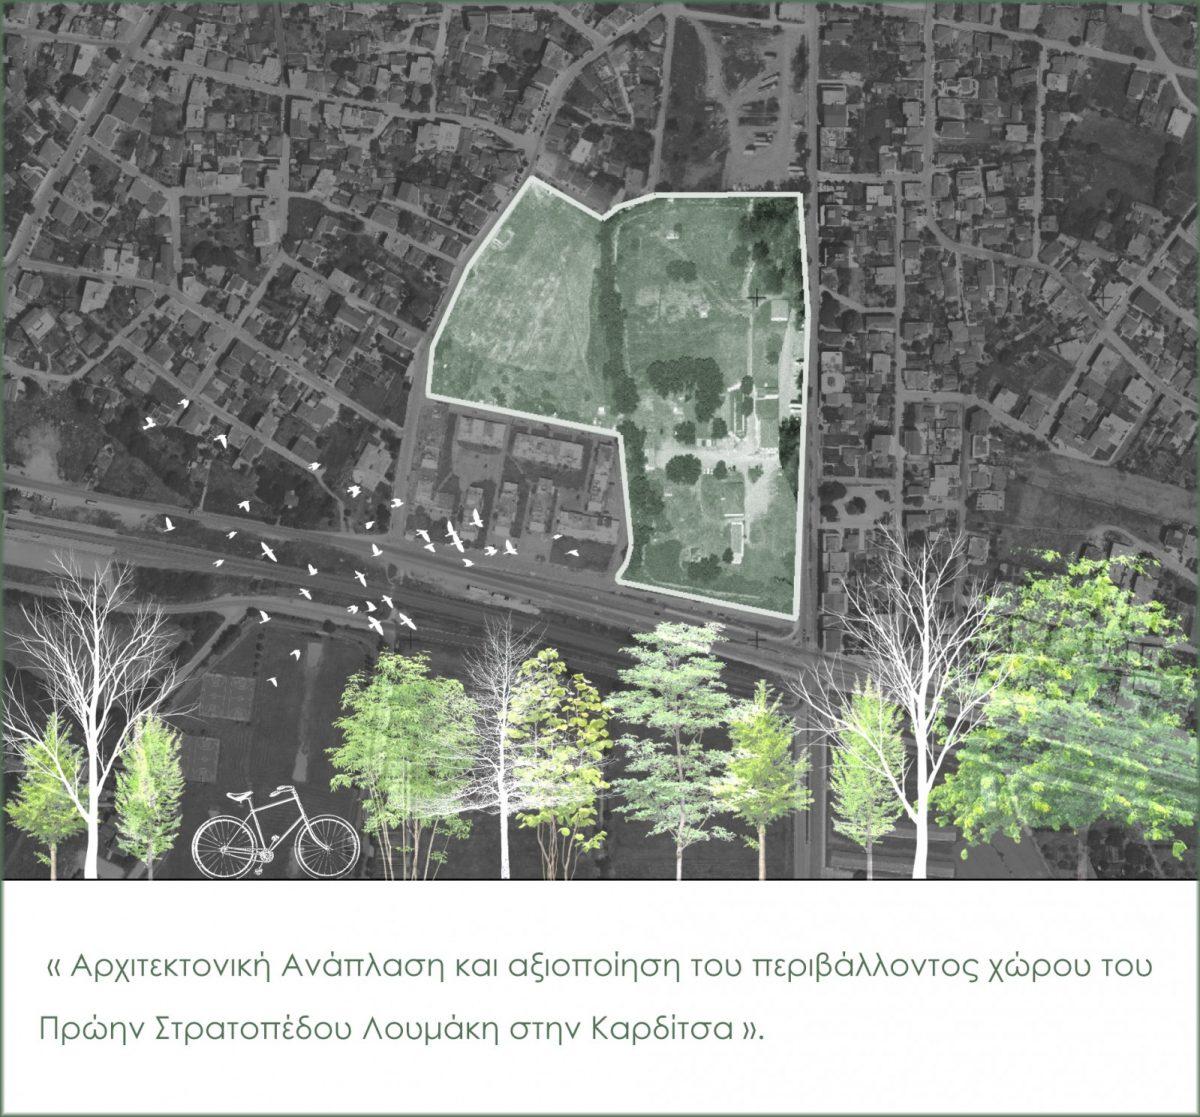 """Περίληψη Πανελλήνιου Αρχιτεκτονικού Διαγωνισμού Ιδεών """"Αρχιτεκτονική Ανάπλαση και Αξιοποίηση του Περιβάλλοντος χώρου του πρώην Στρατοπέδου Λουμάκη στην Καρδίτσα"""""""